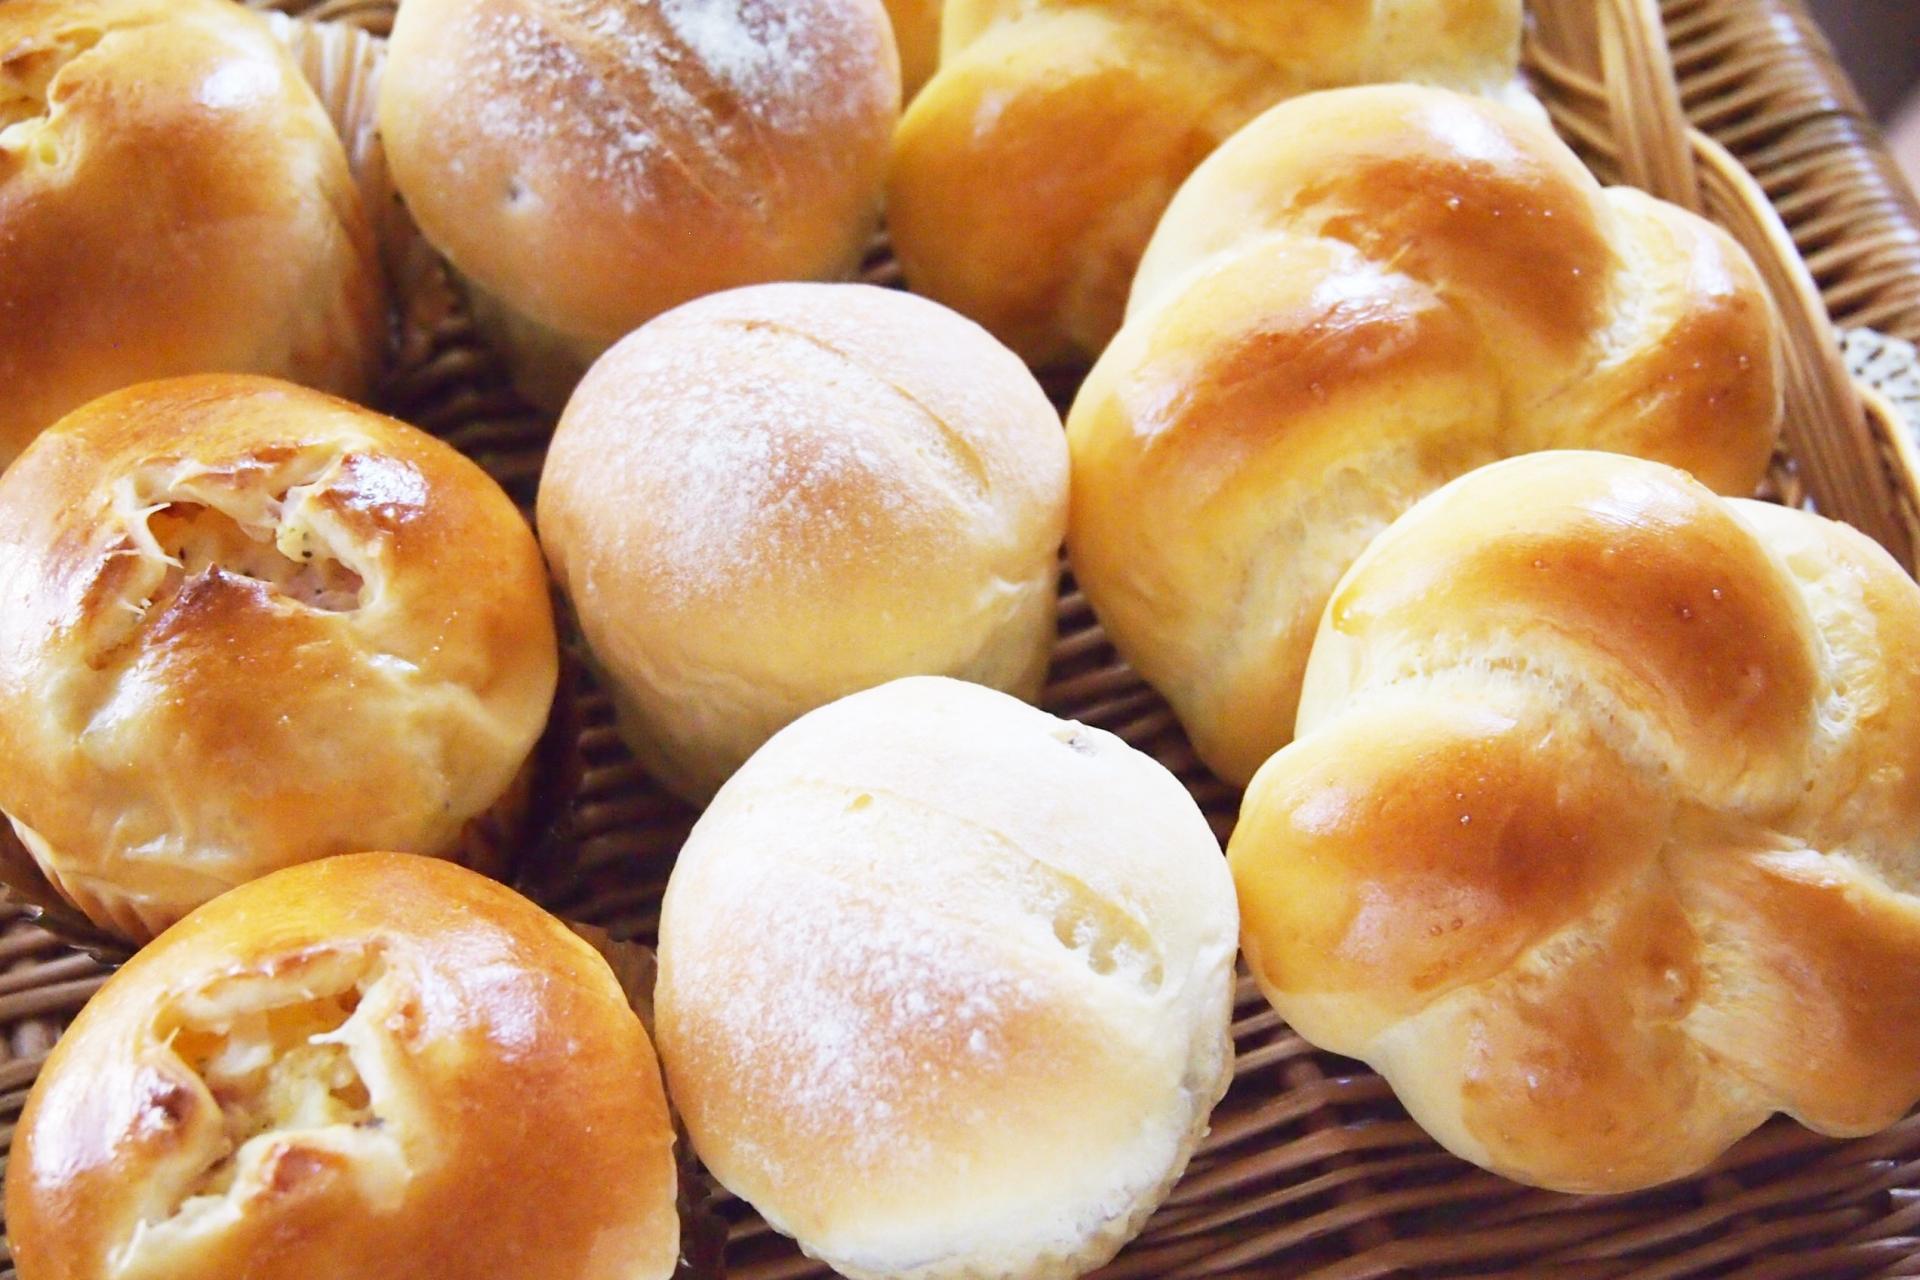 話題沸騰!!天然酵母のパン屋さん『芒種』について知りたい!!